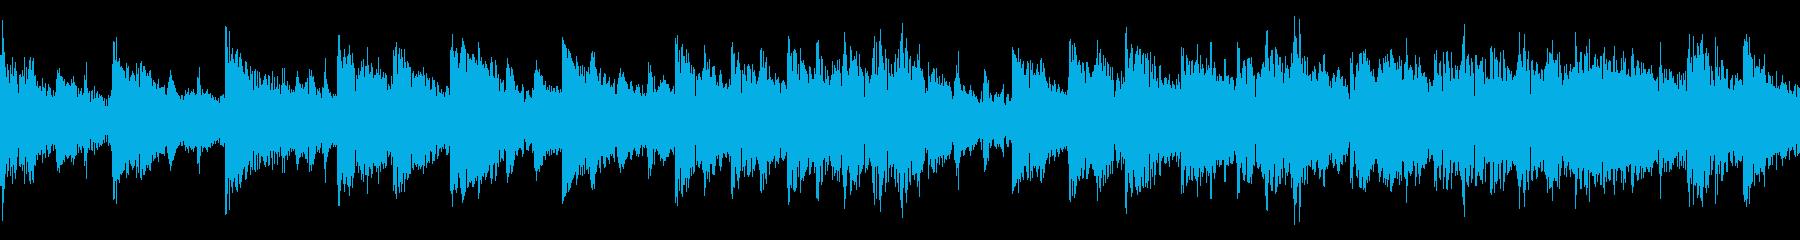 和風のジングル(ループ仕様)の再生済みの波形